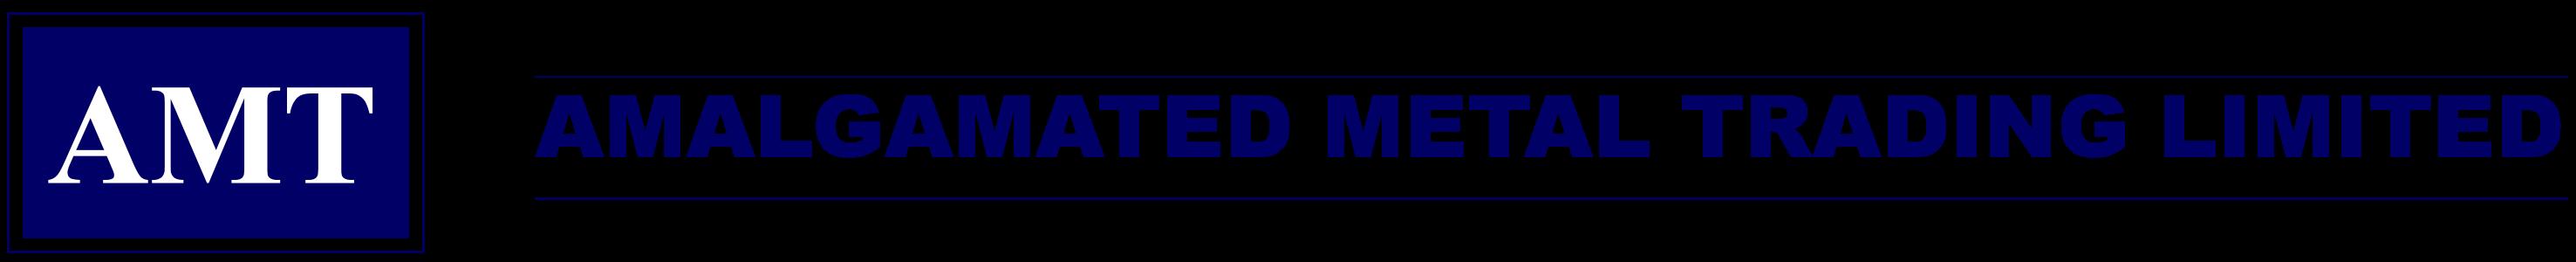 Amalgamated Metal Trading Logo